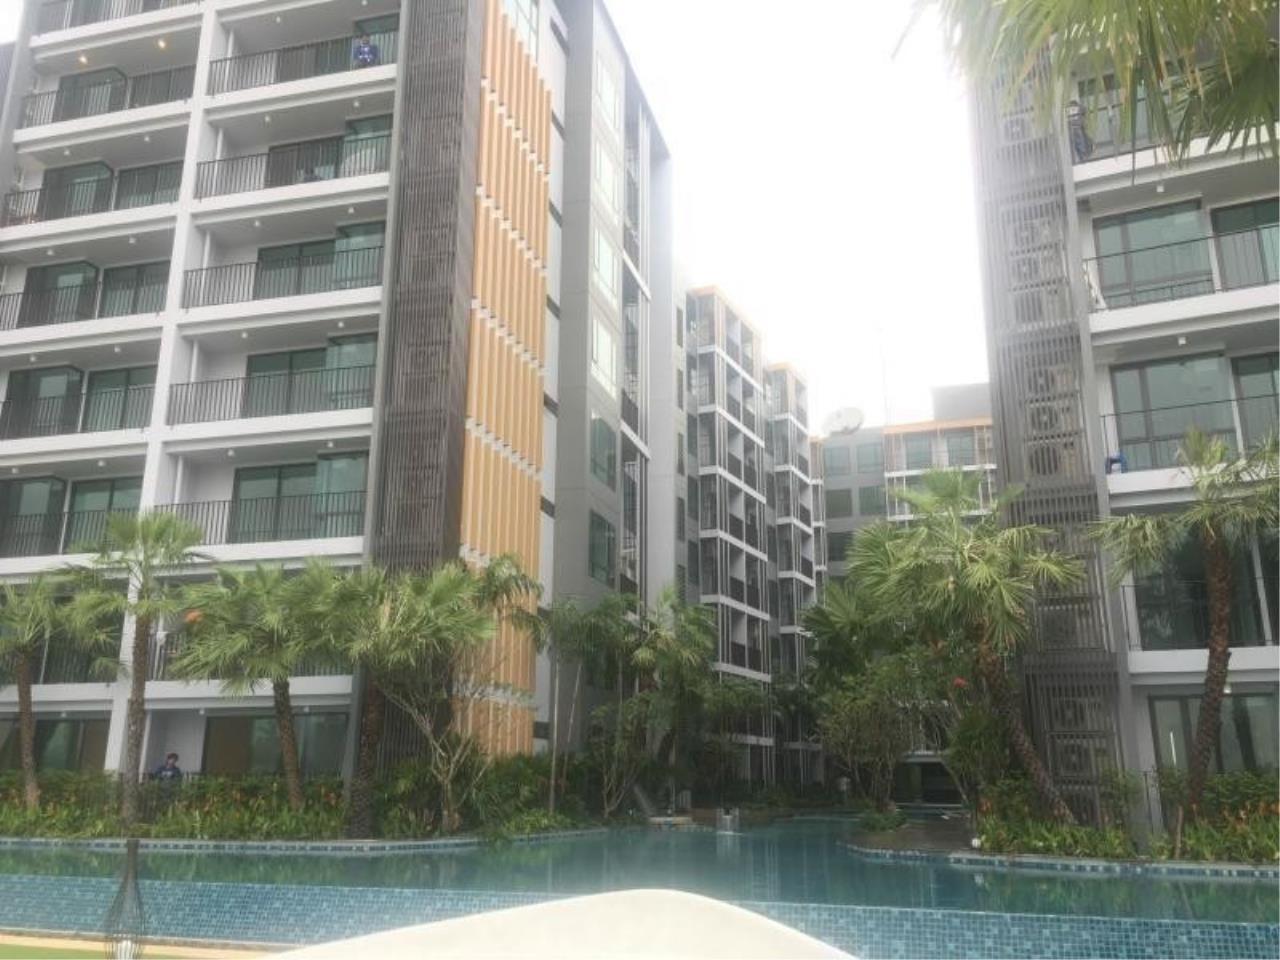 metro luxe riverfront condo bangkok 594109546d275e270a000096_full